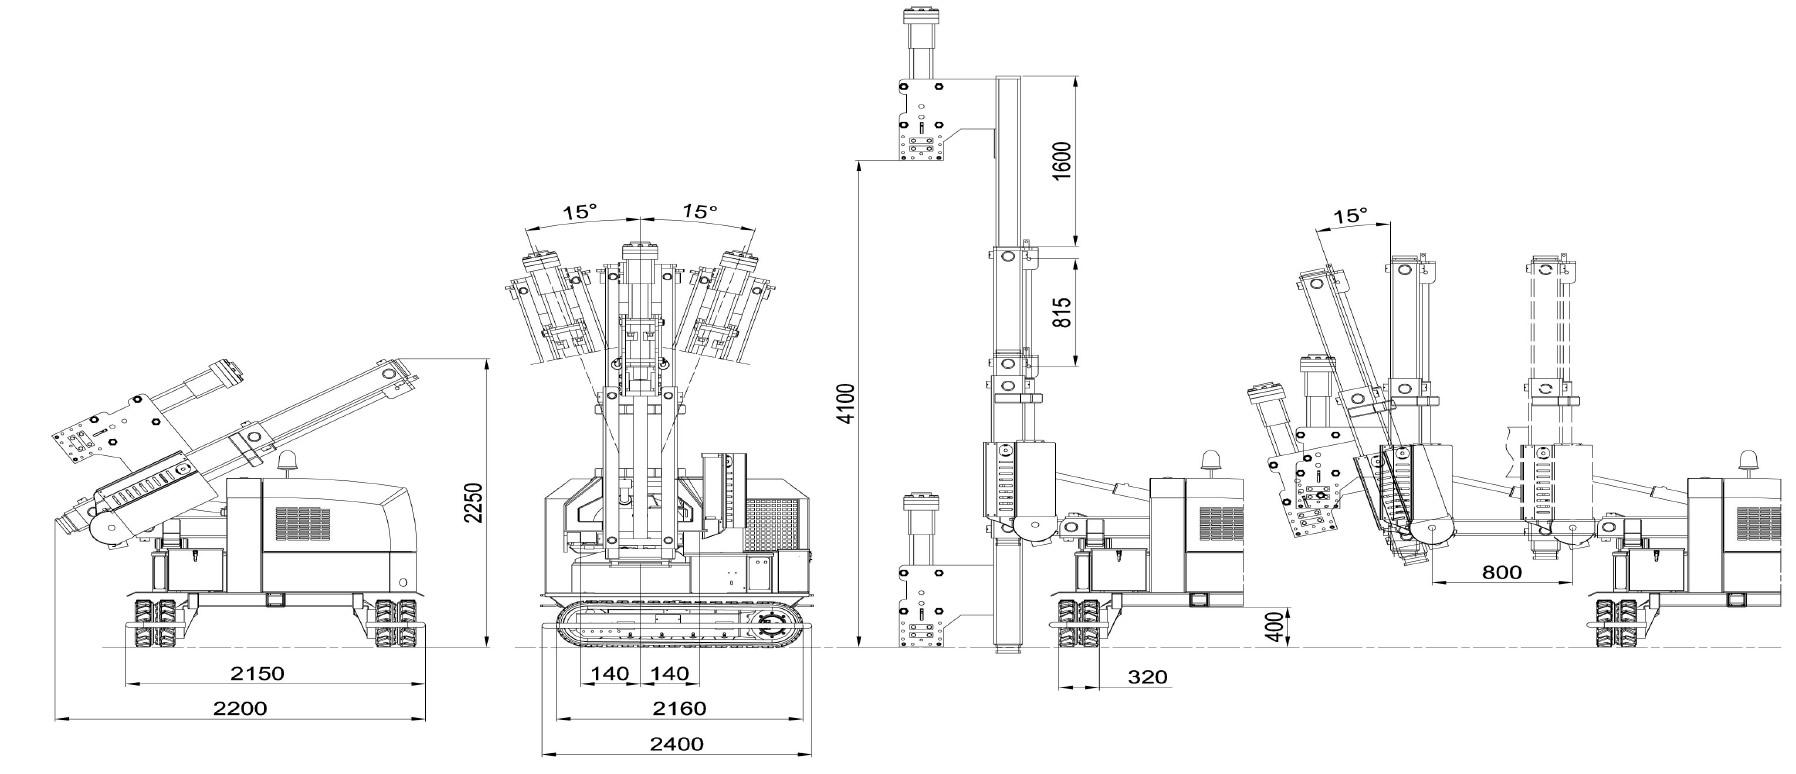 Misure e disegno tecnico battipalo modello 900